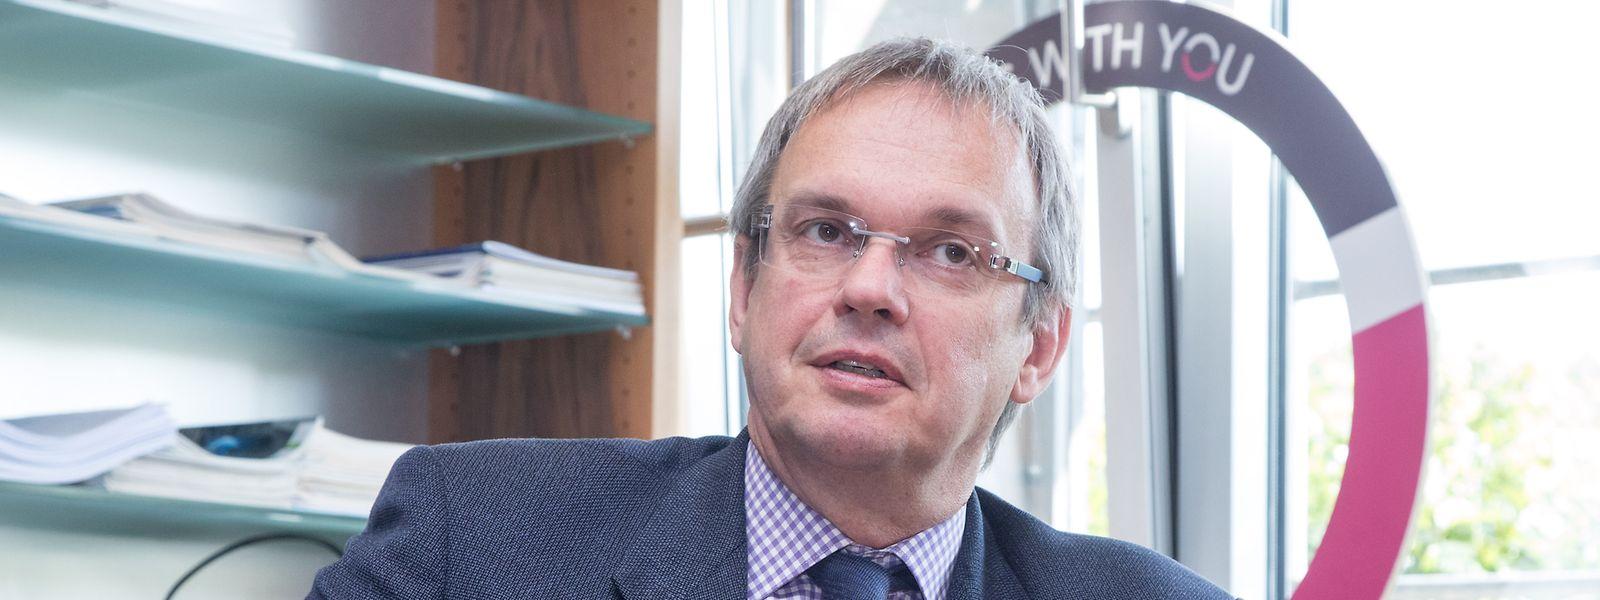 Sur les trois derniers exercices, les assureurs ont versé 230 millions d'euros pour des événements exceptionnels, rappelle lundi Marc Hengen administrateur-délégué de l'ACA.